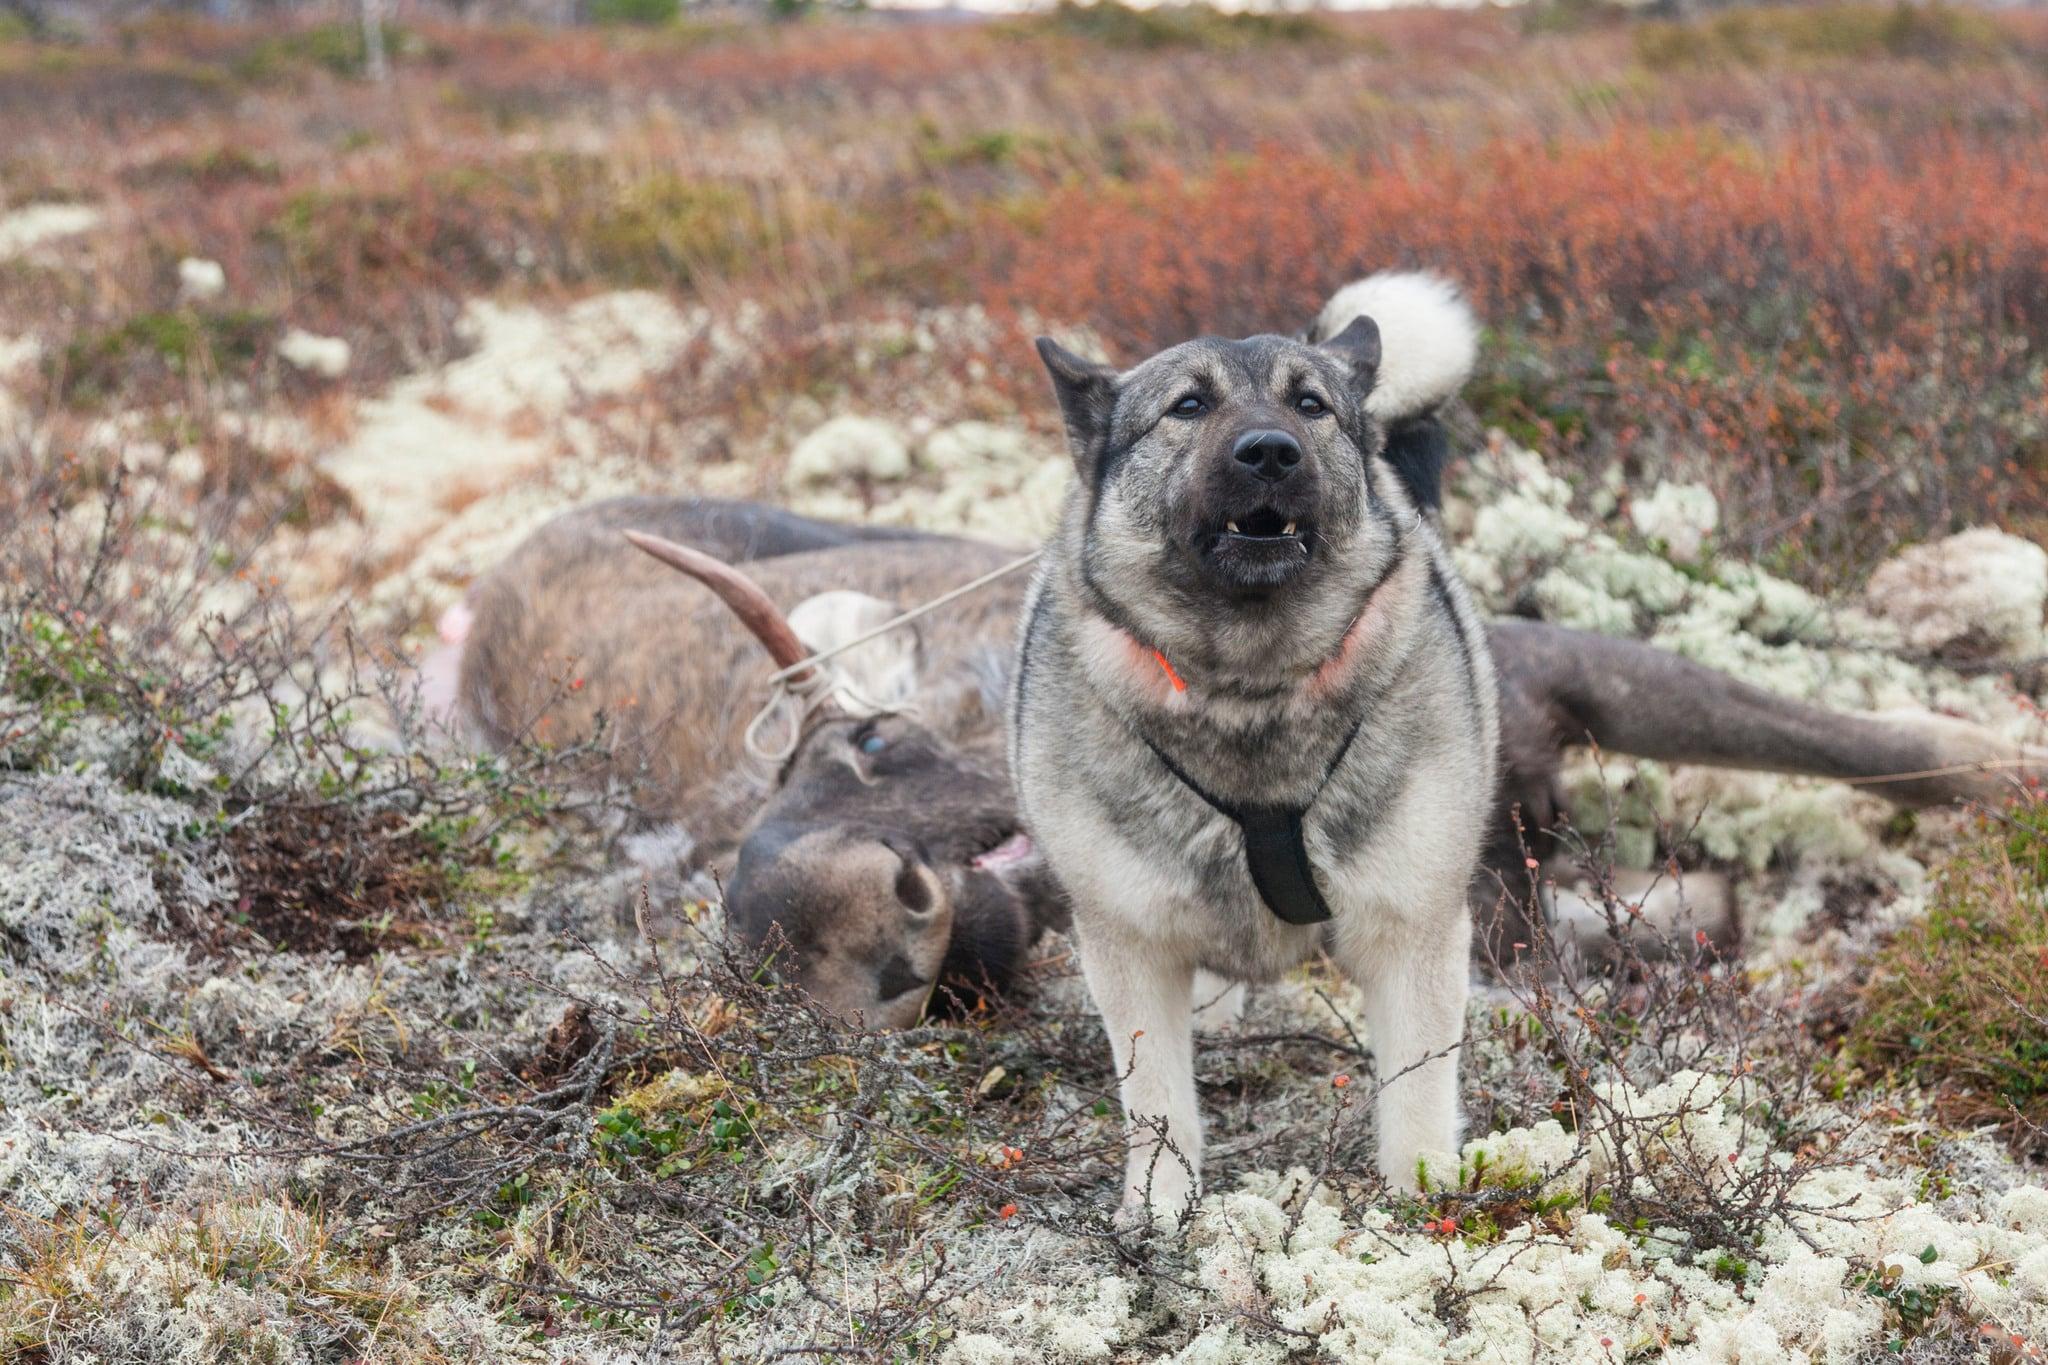 Licensjakt bör inte ske i tätortsnära skogar, eller i andra områden som frekventeras ofta av friluftslivet, exempelvis kan jakt behöva undvikas på helger, anser Naturskyddsföreningen. Foto: Kjell-Erik Moseid